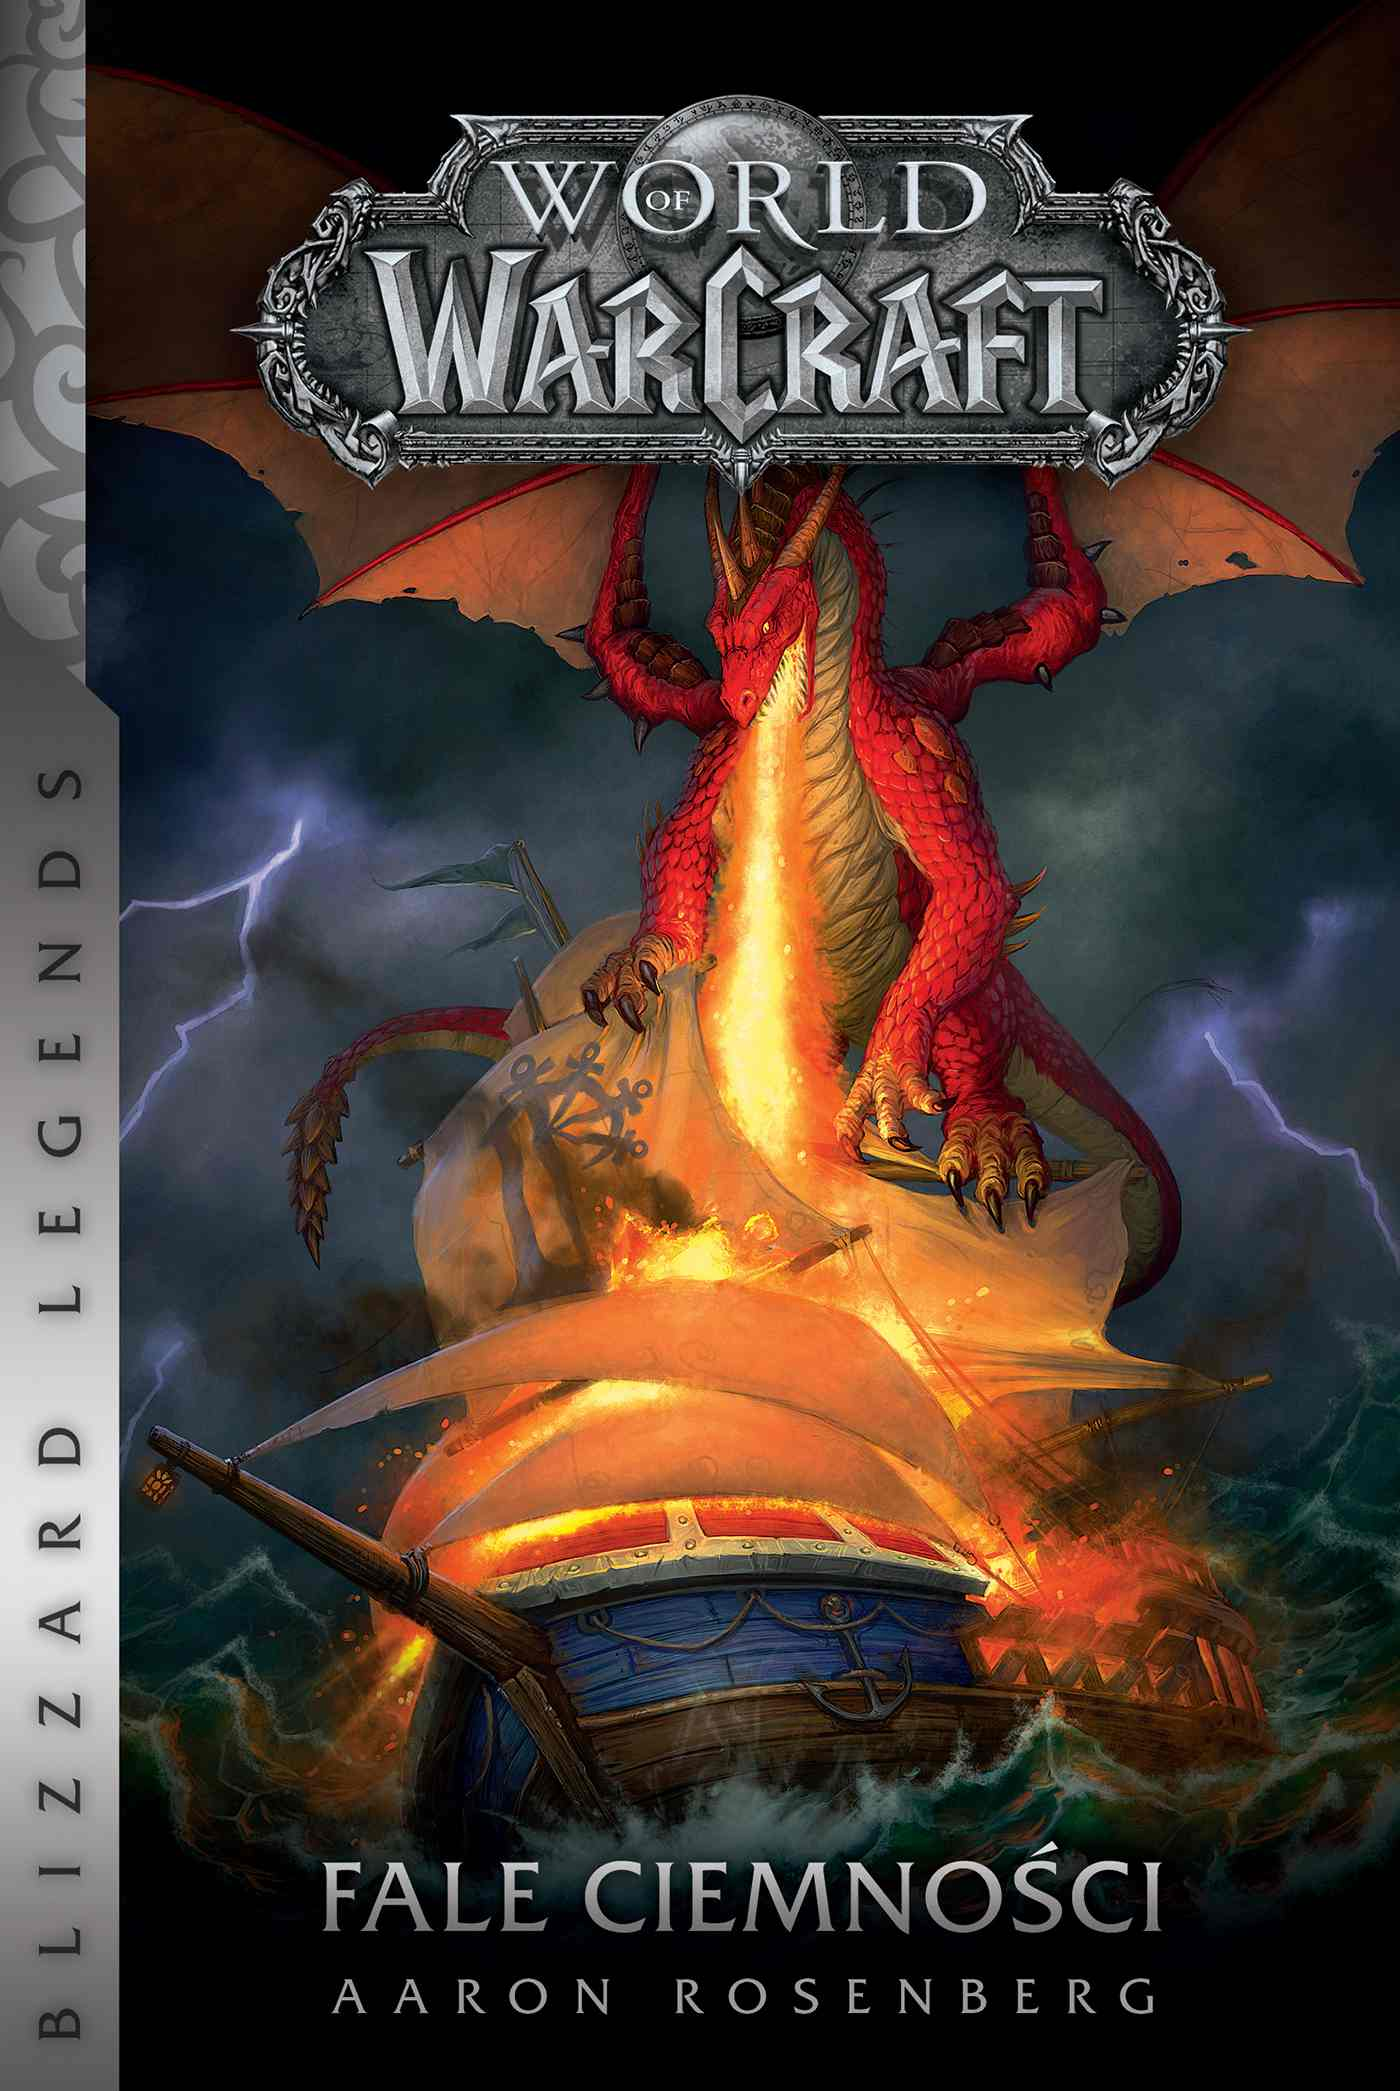 World of Warcraft: Fale ciemności - Ebook (Książka na Kindle) do pobrania w formacie MOBI